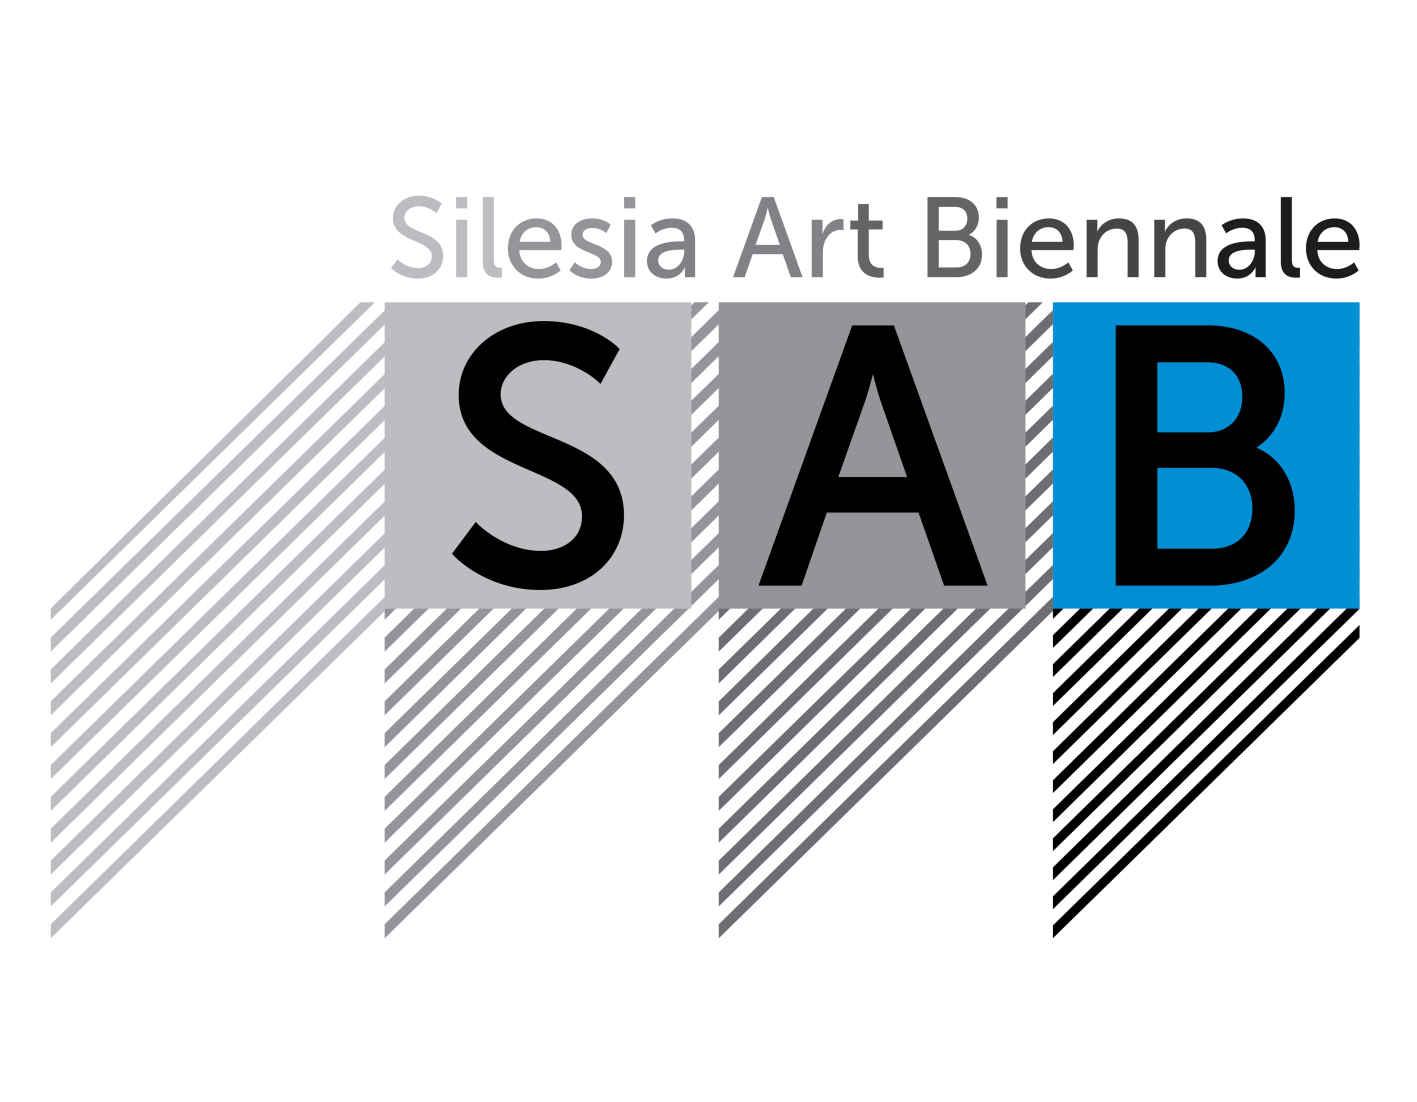 Logo Biennale (źródło: materiały prasowe organizatora)